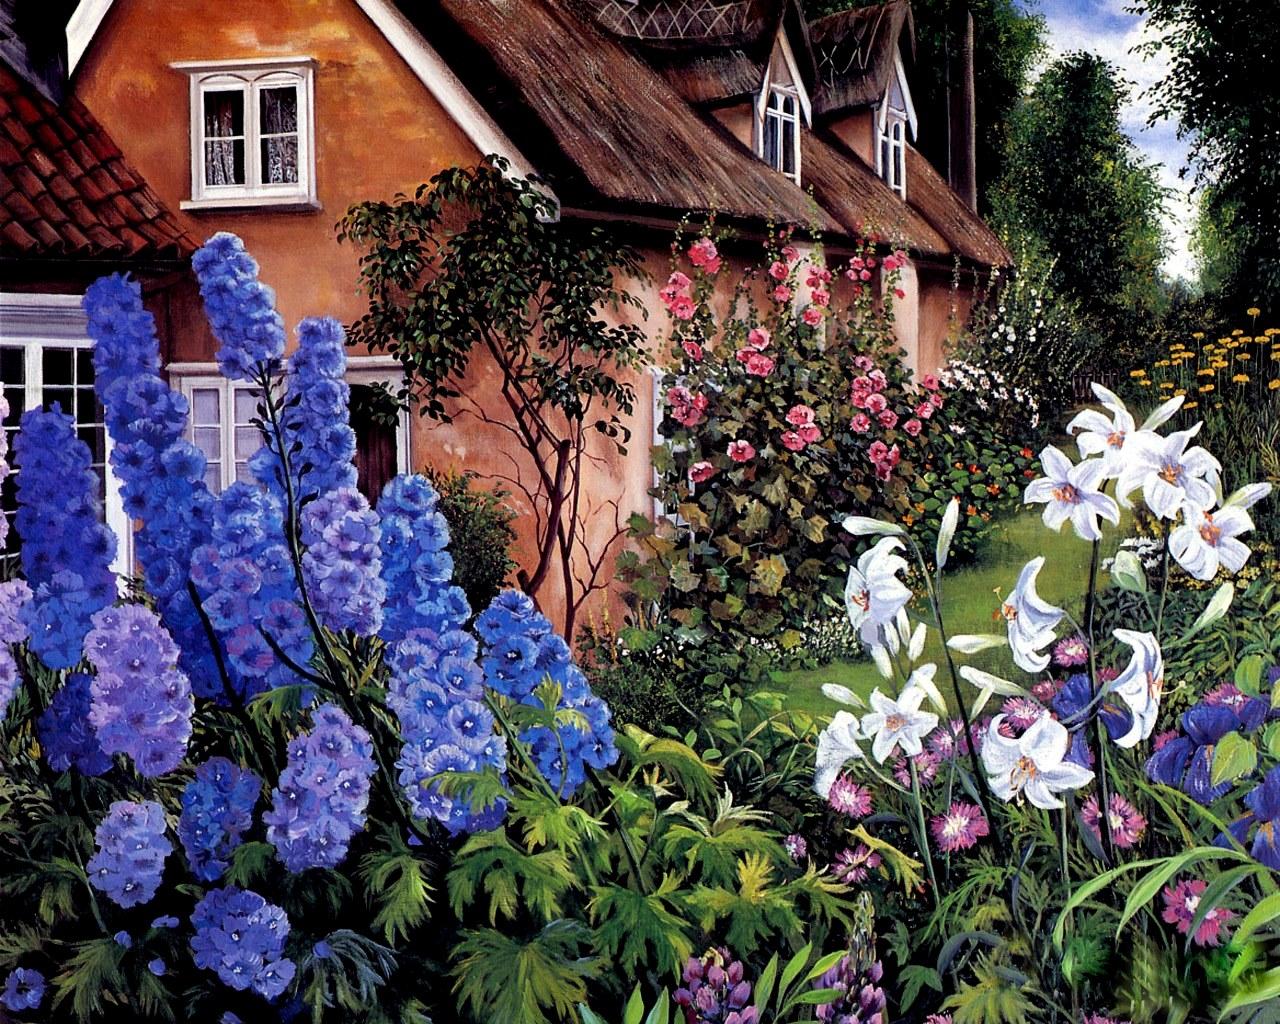 Country gardens wallpaper - Country Garden Wallpaper 2 Home Ideas